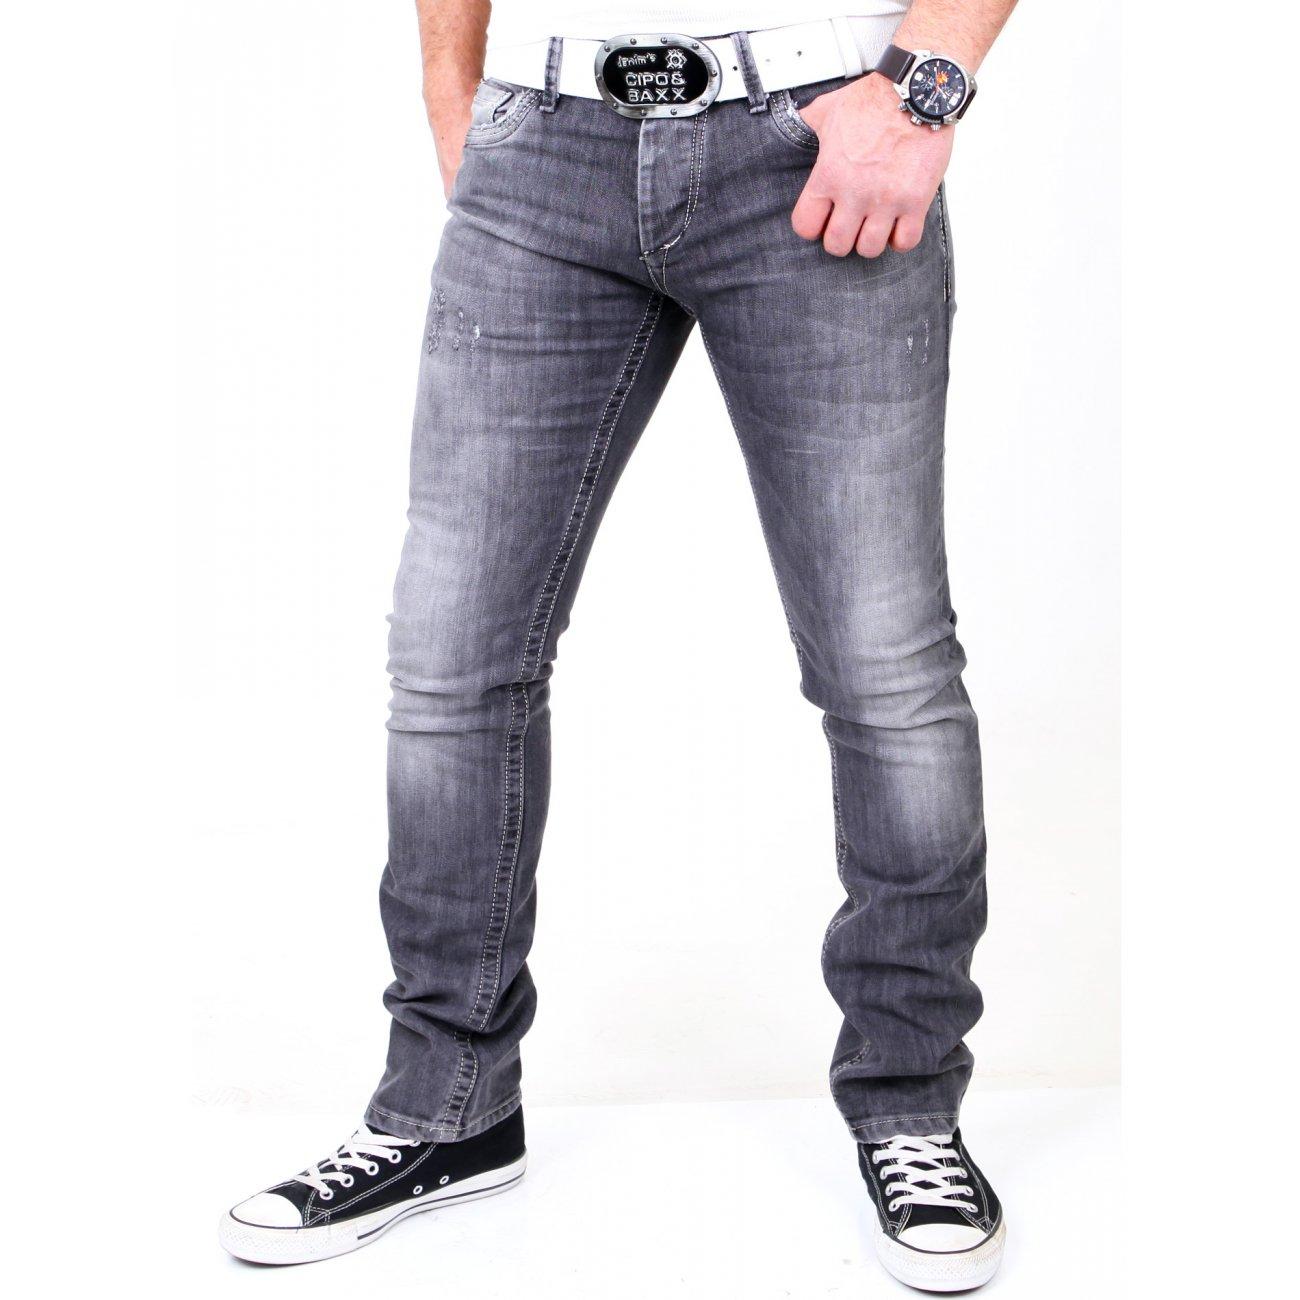 herren jeans grau vintage reslad rs 5895 jeans kaufen. Black Bedroom Furniture Sets. Home Design Ideas